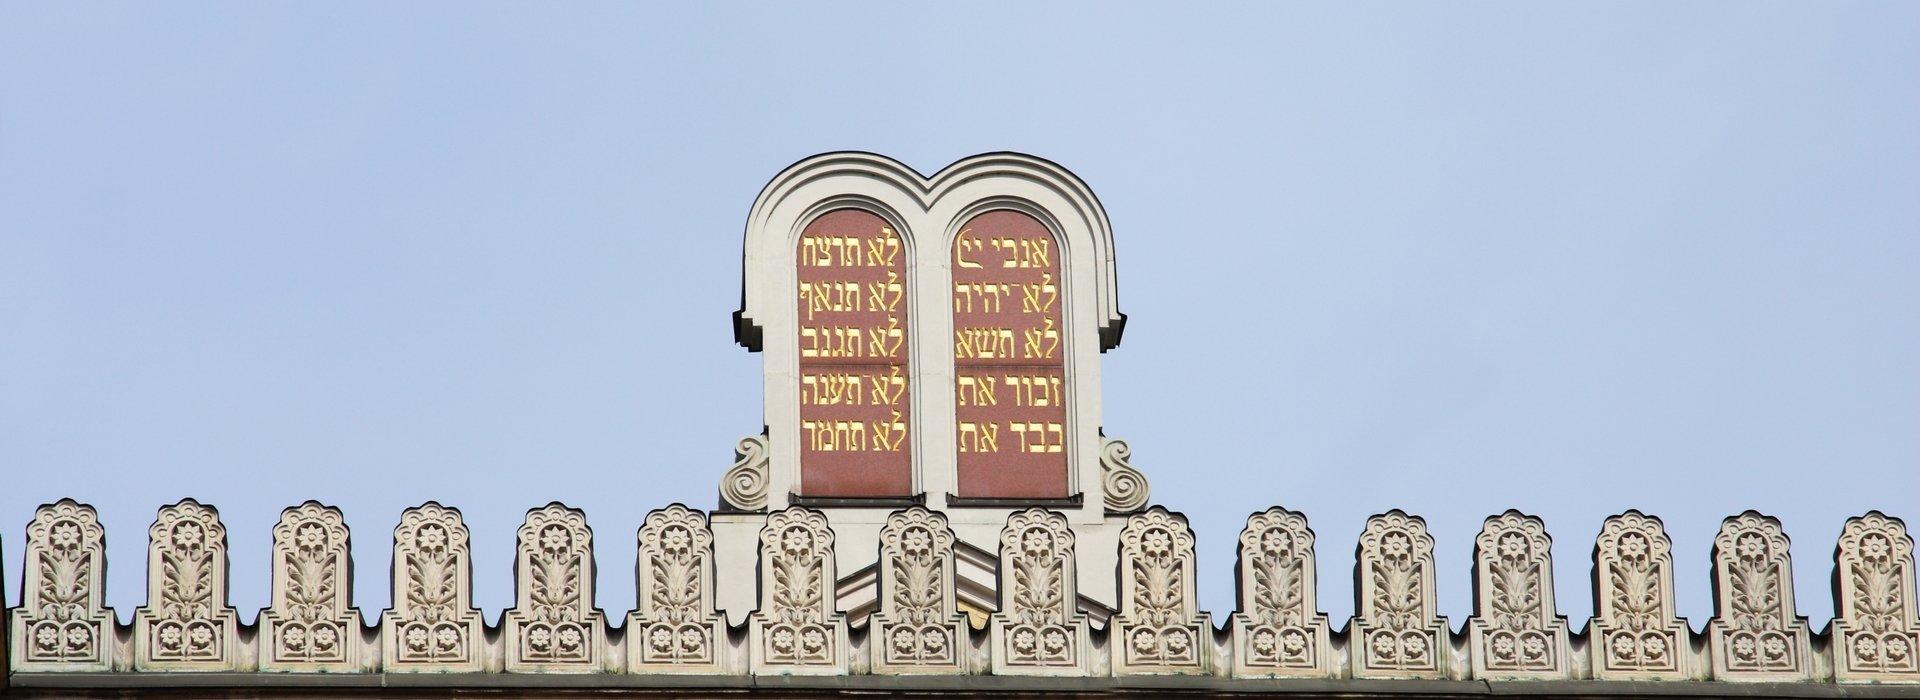 Jewish Budapest – Budapest Jewish Population